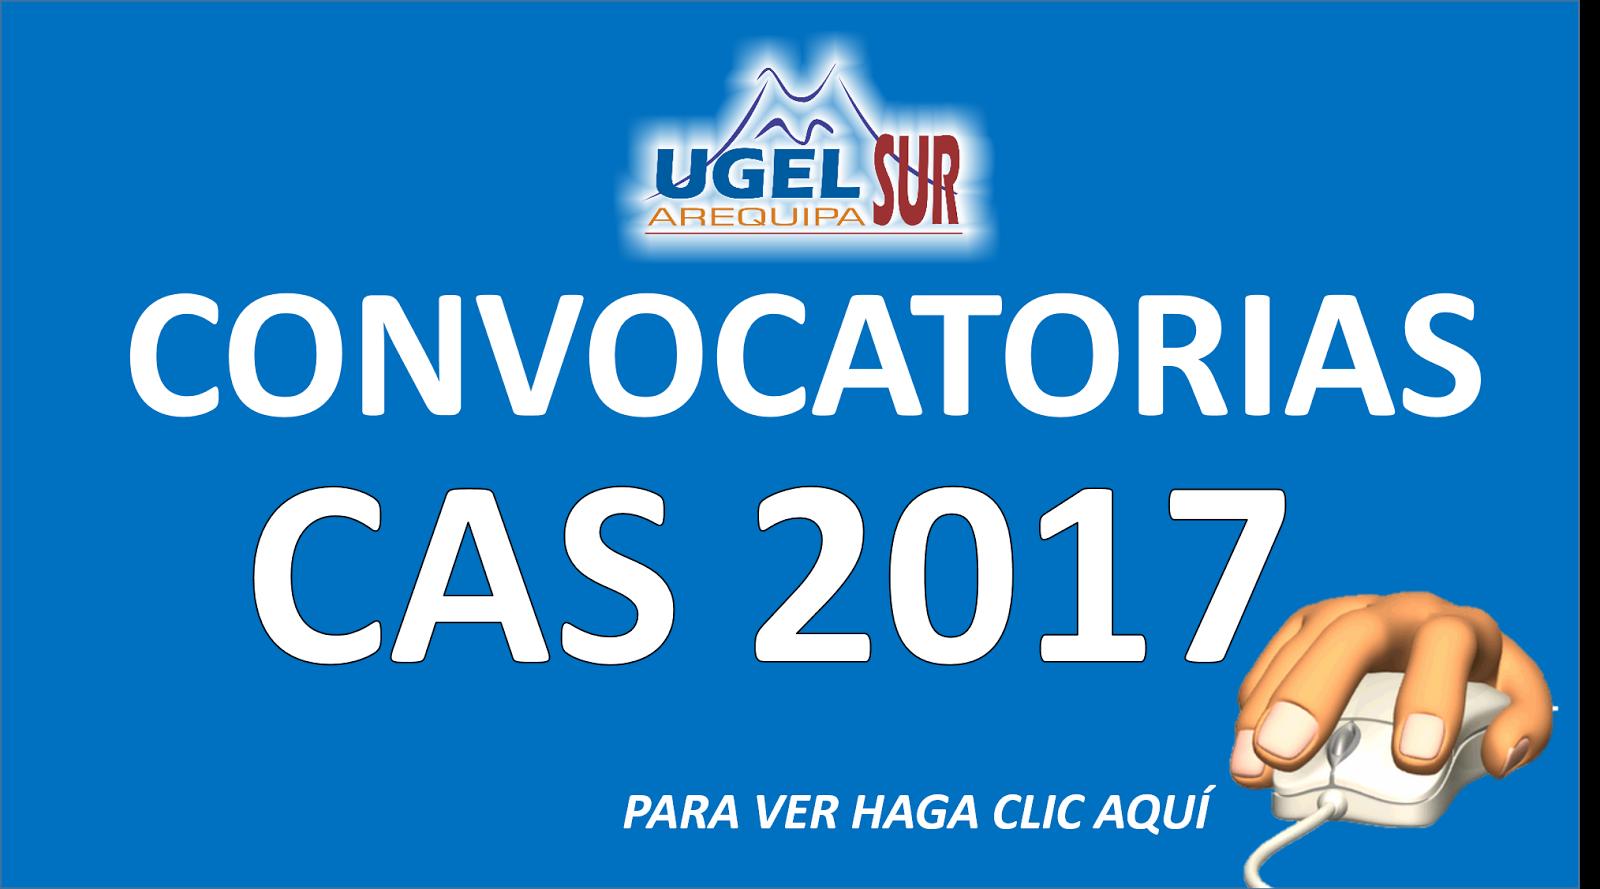 CONVOCATORIAS CAS 2017